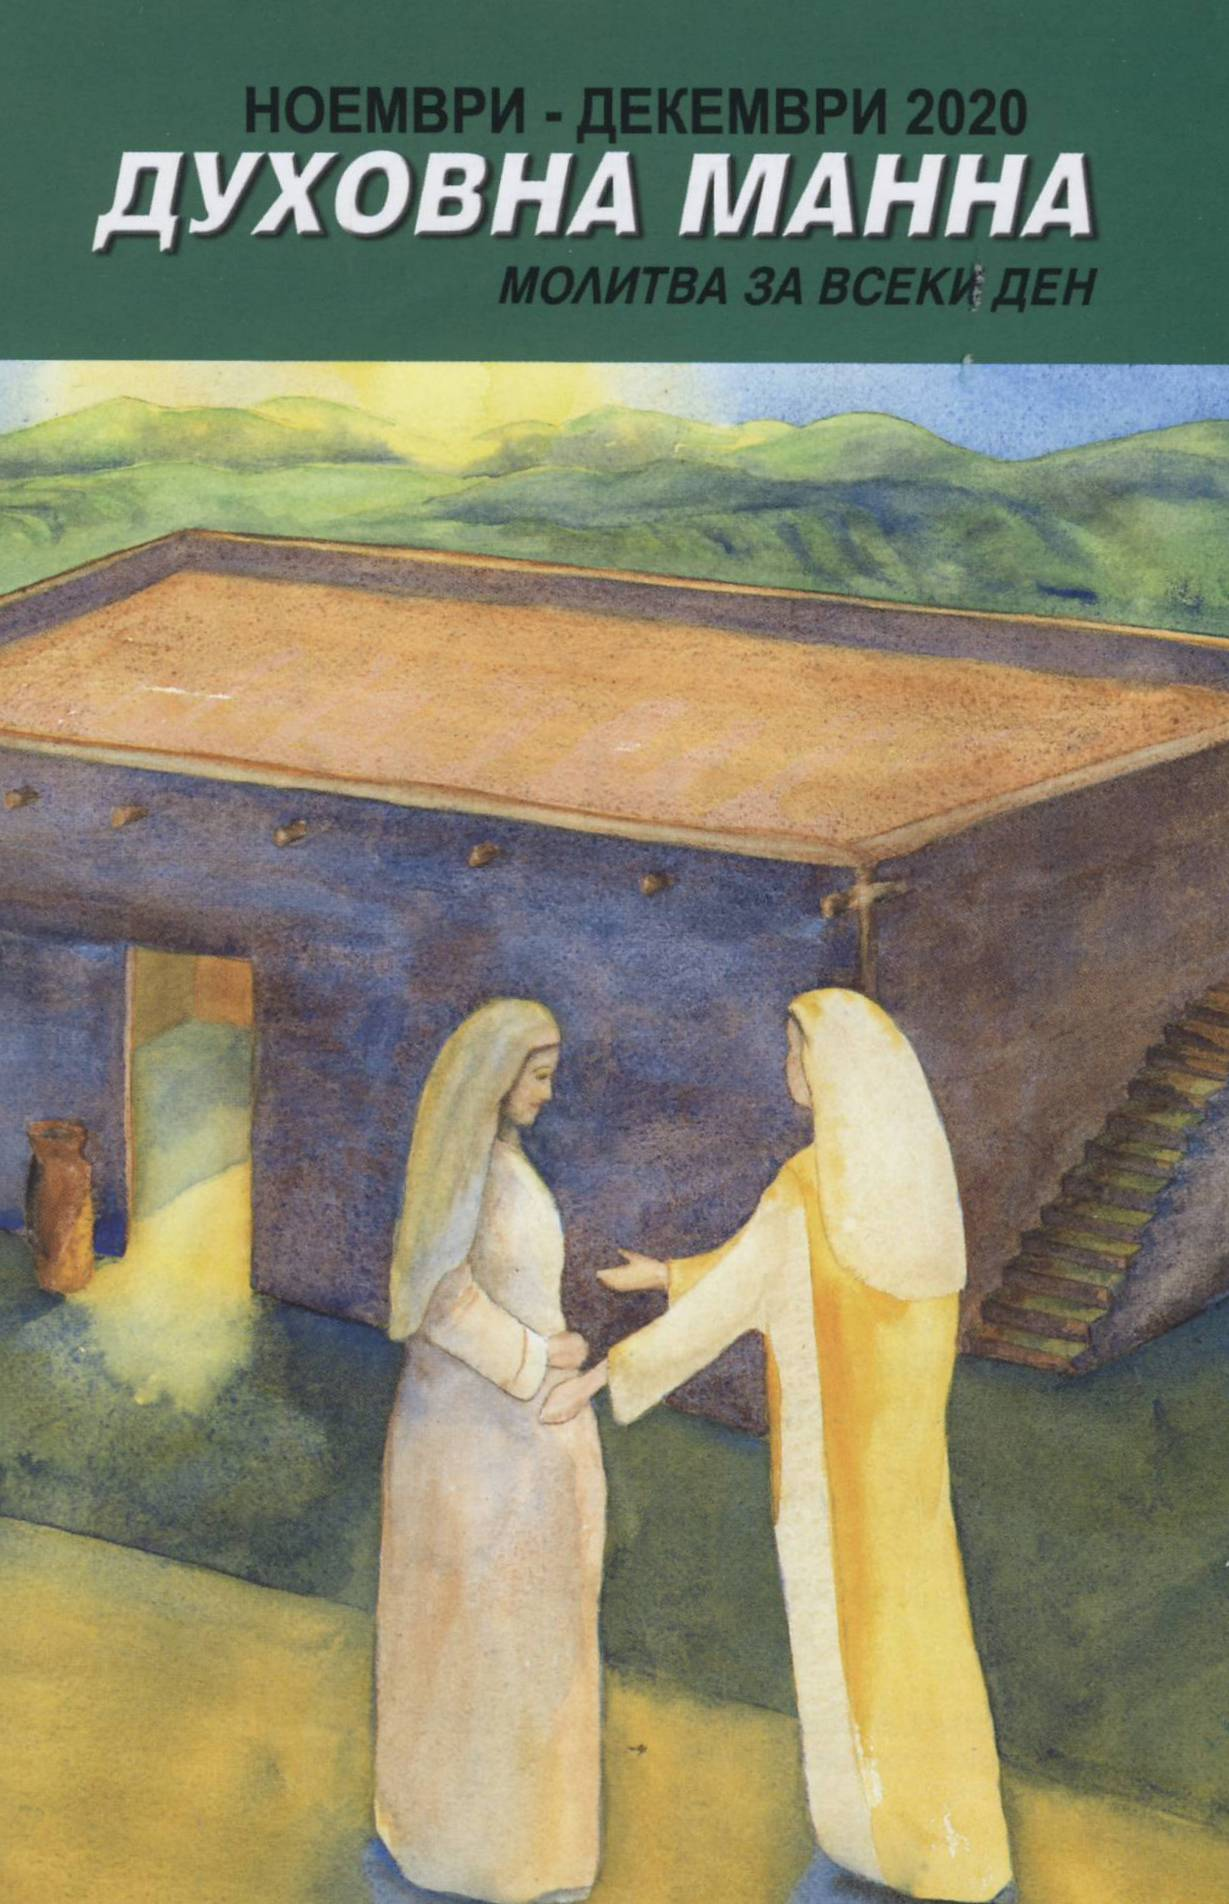 Духовна манна - Ноември и Декември 2020